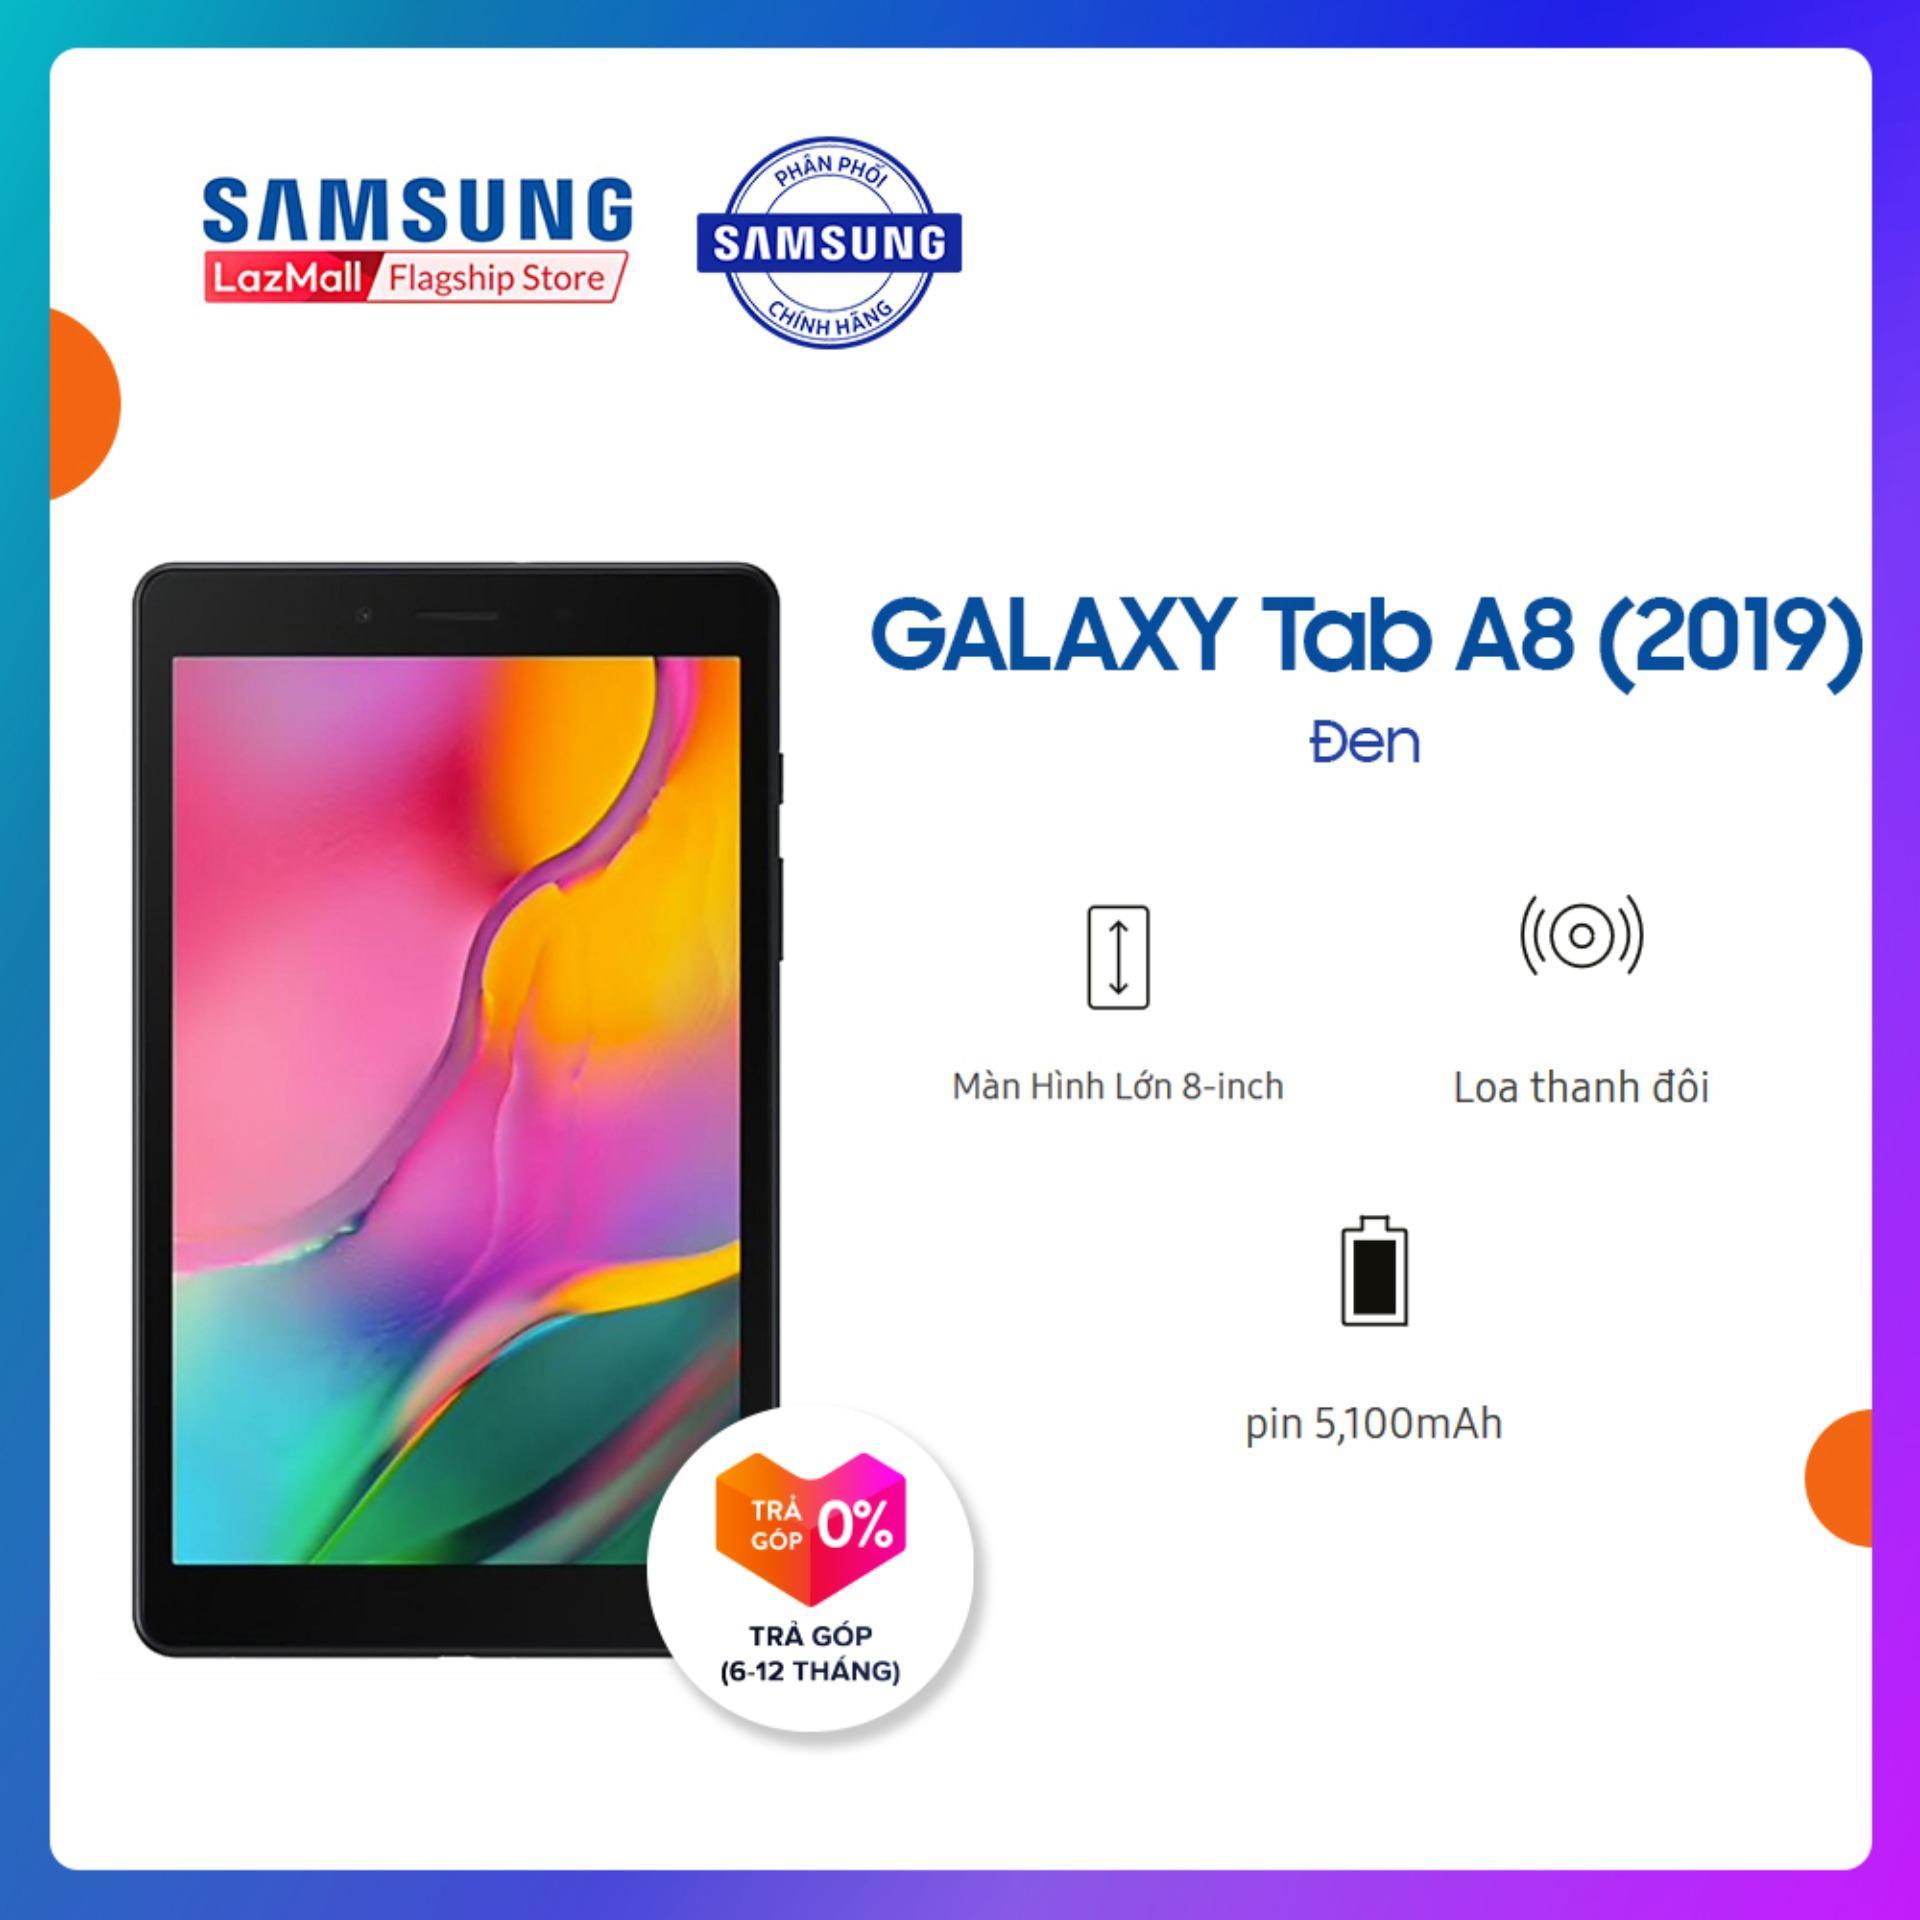 Máy Tính Bảng Galaxy Tab A SM-T295 32GB (2GB RAM) 2019 Đen - Màn Hình 8 Inch, Tỷ Lệ 16:10 Full HD + Trọng Lượng Chỉ 347g Mỏng Nhẹ + Hỗ Trợ Thẻ Nhớ đến 512GB + Pin 5100 MAh - Hàng Phân Phối Chính Hãng. Giá Giảm